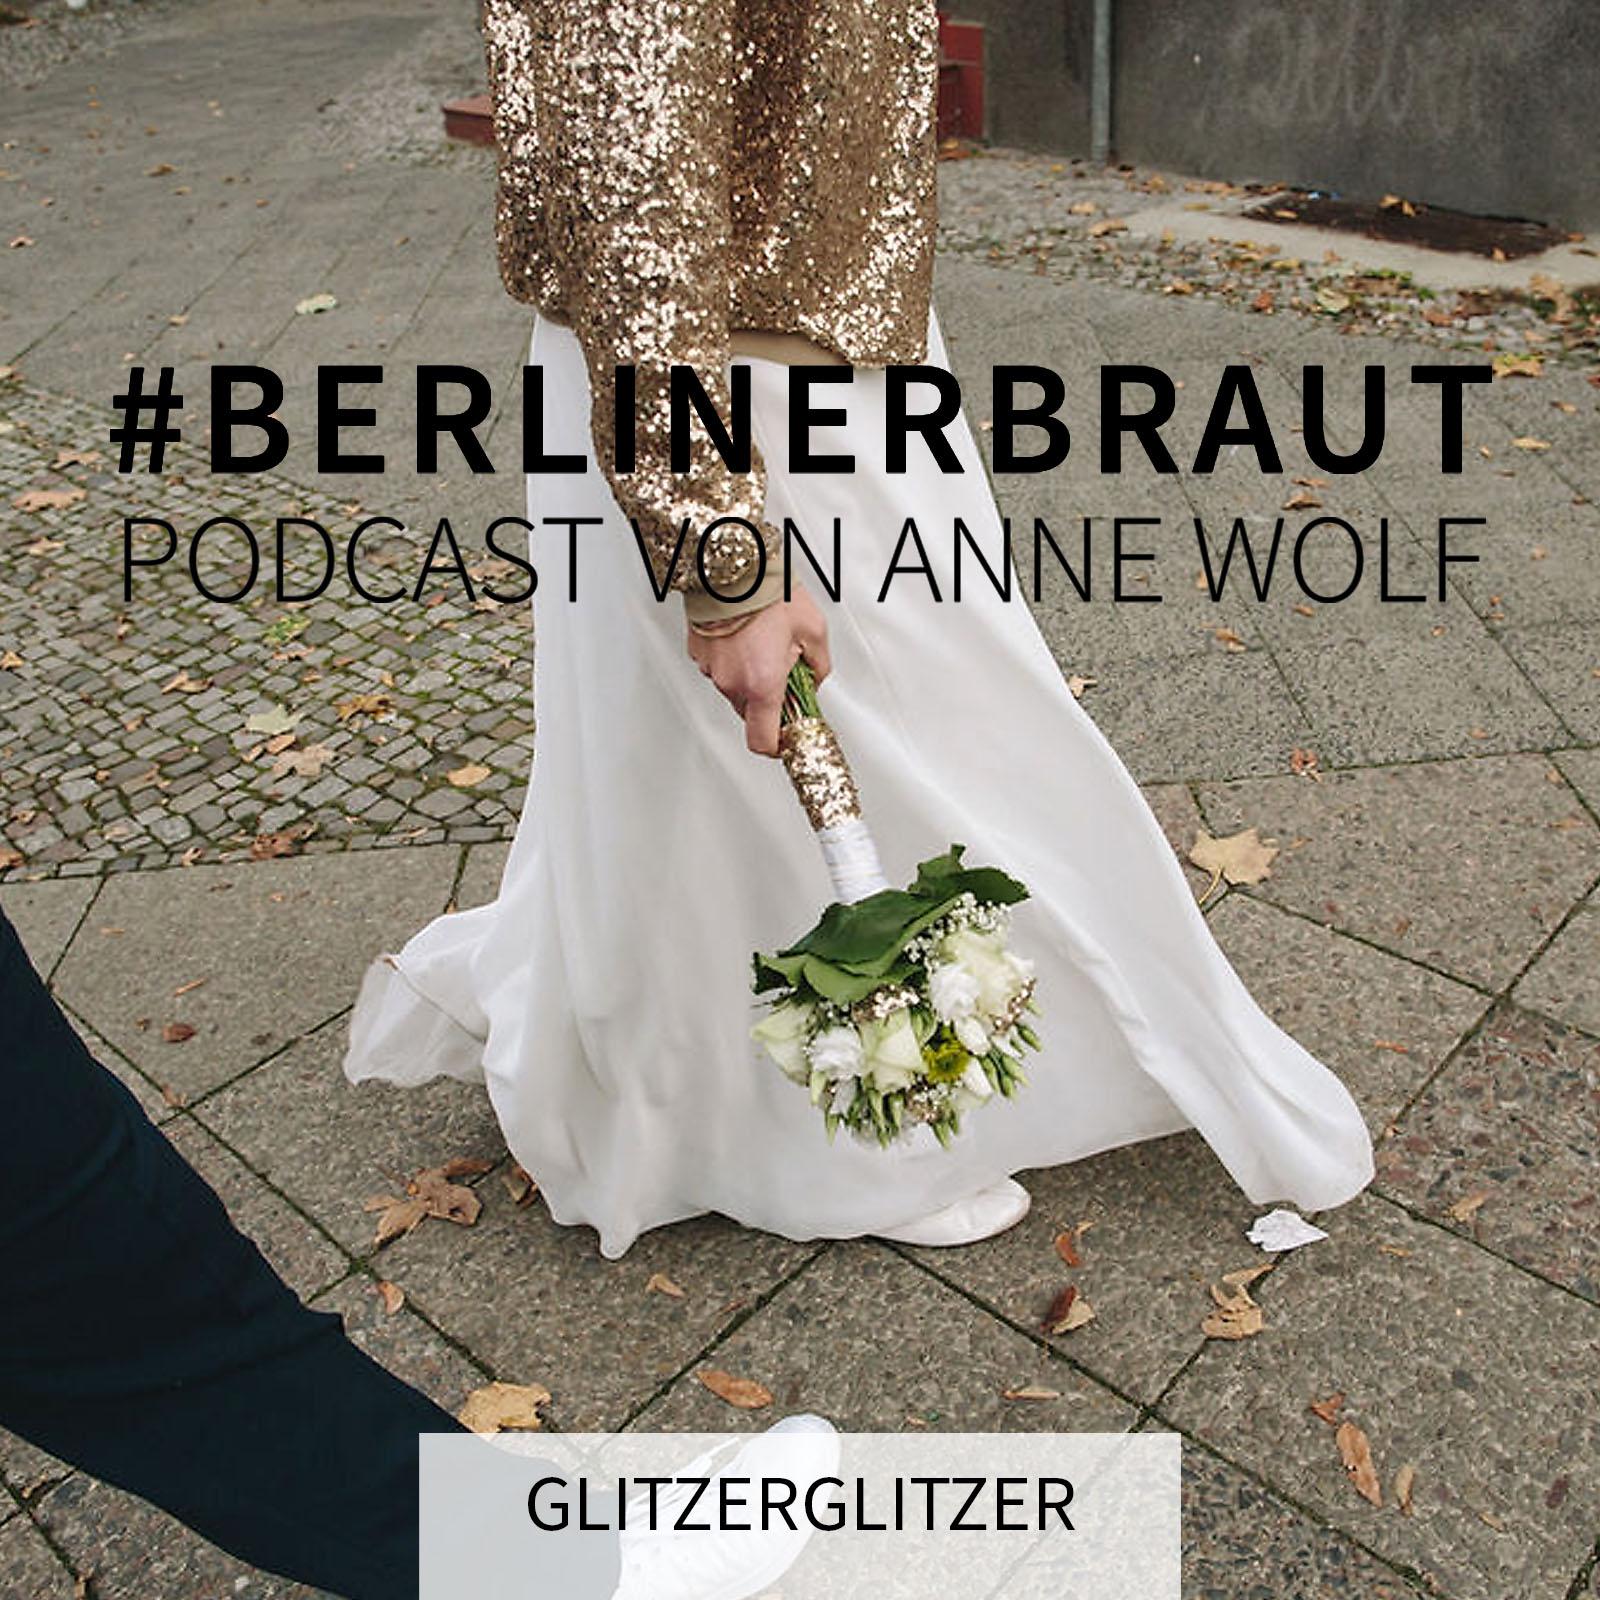 Der Podcast von Anne Wolf